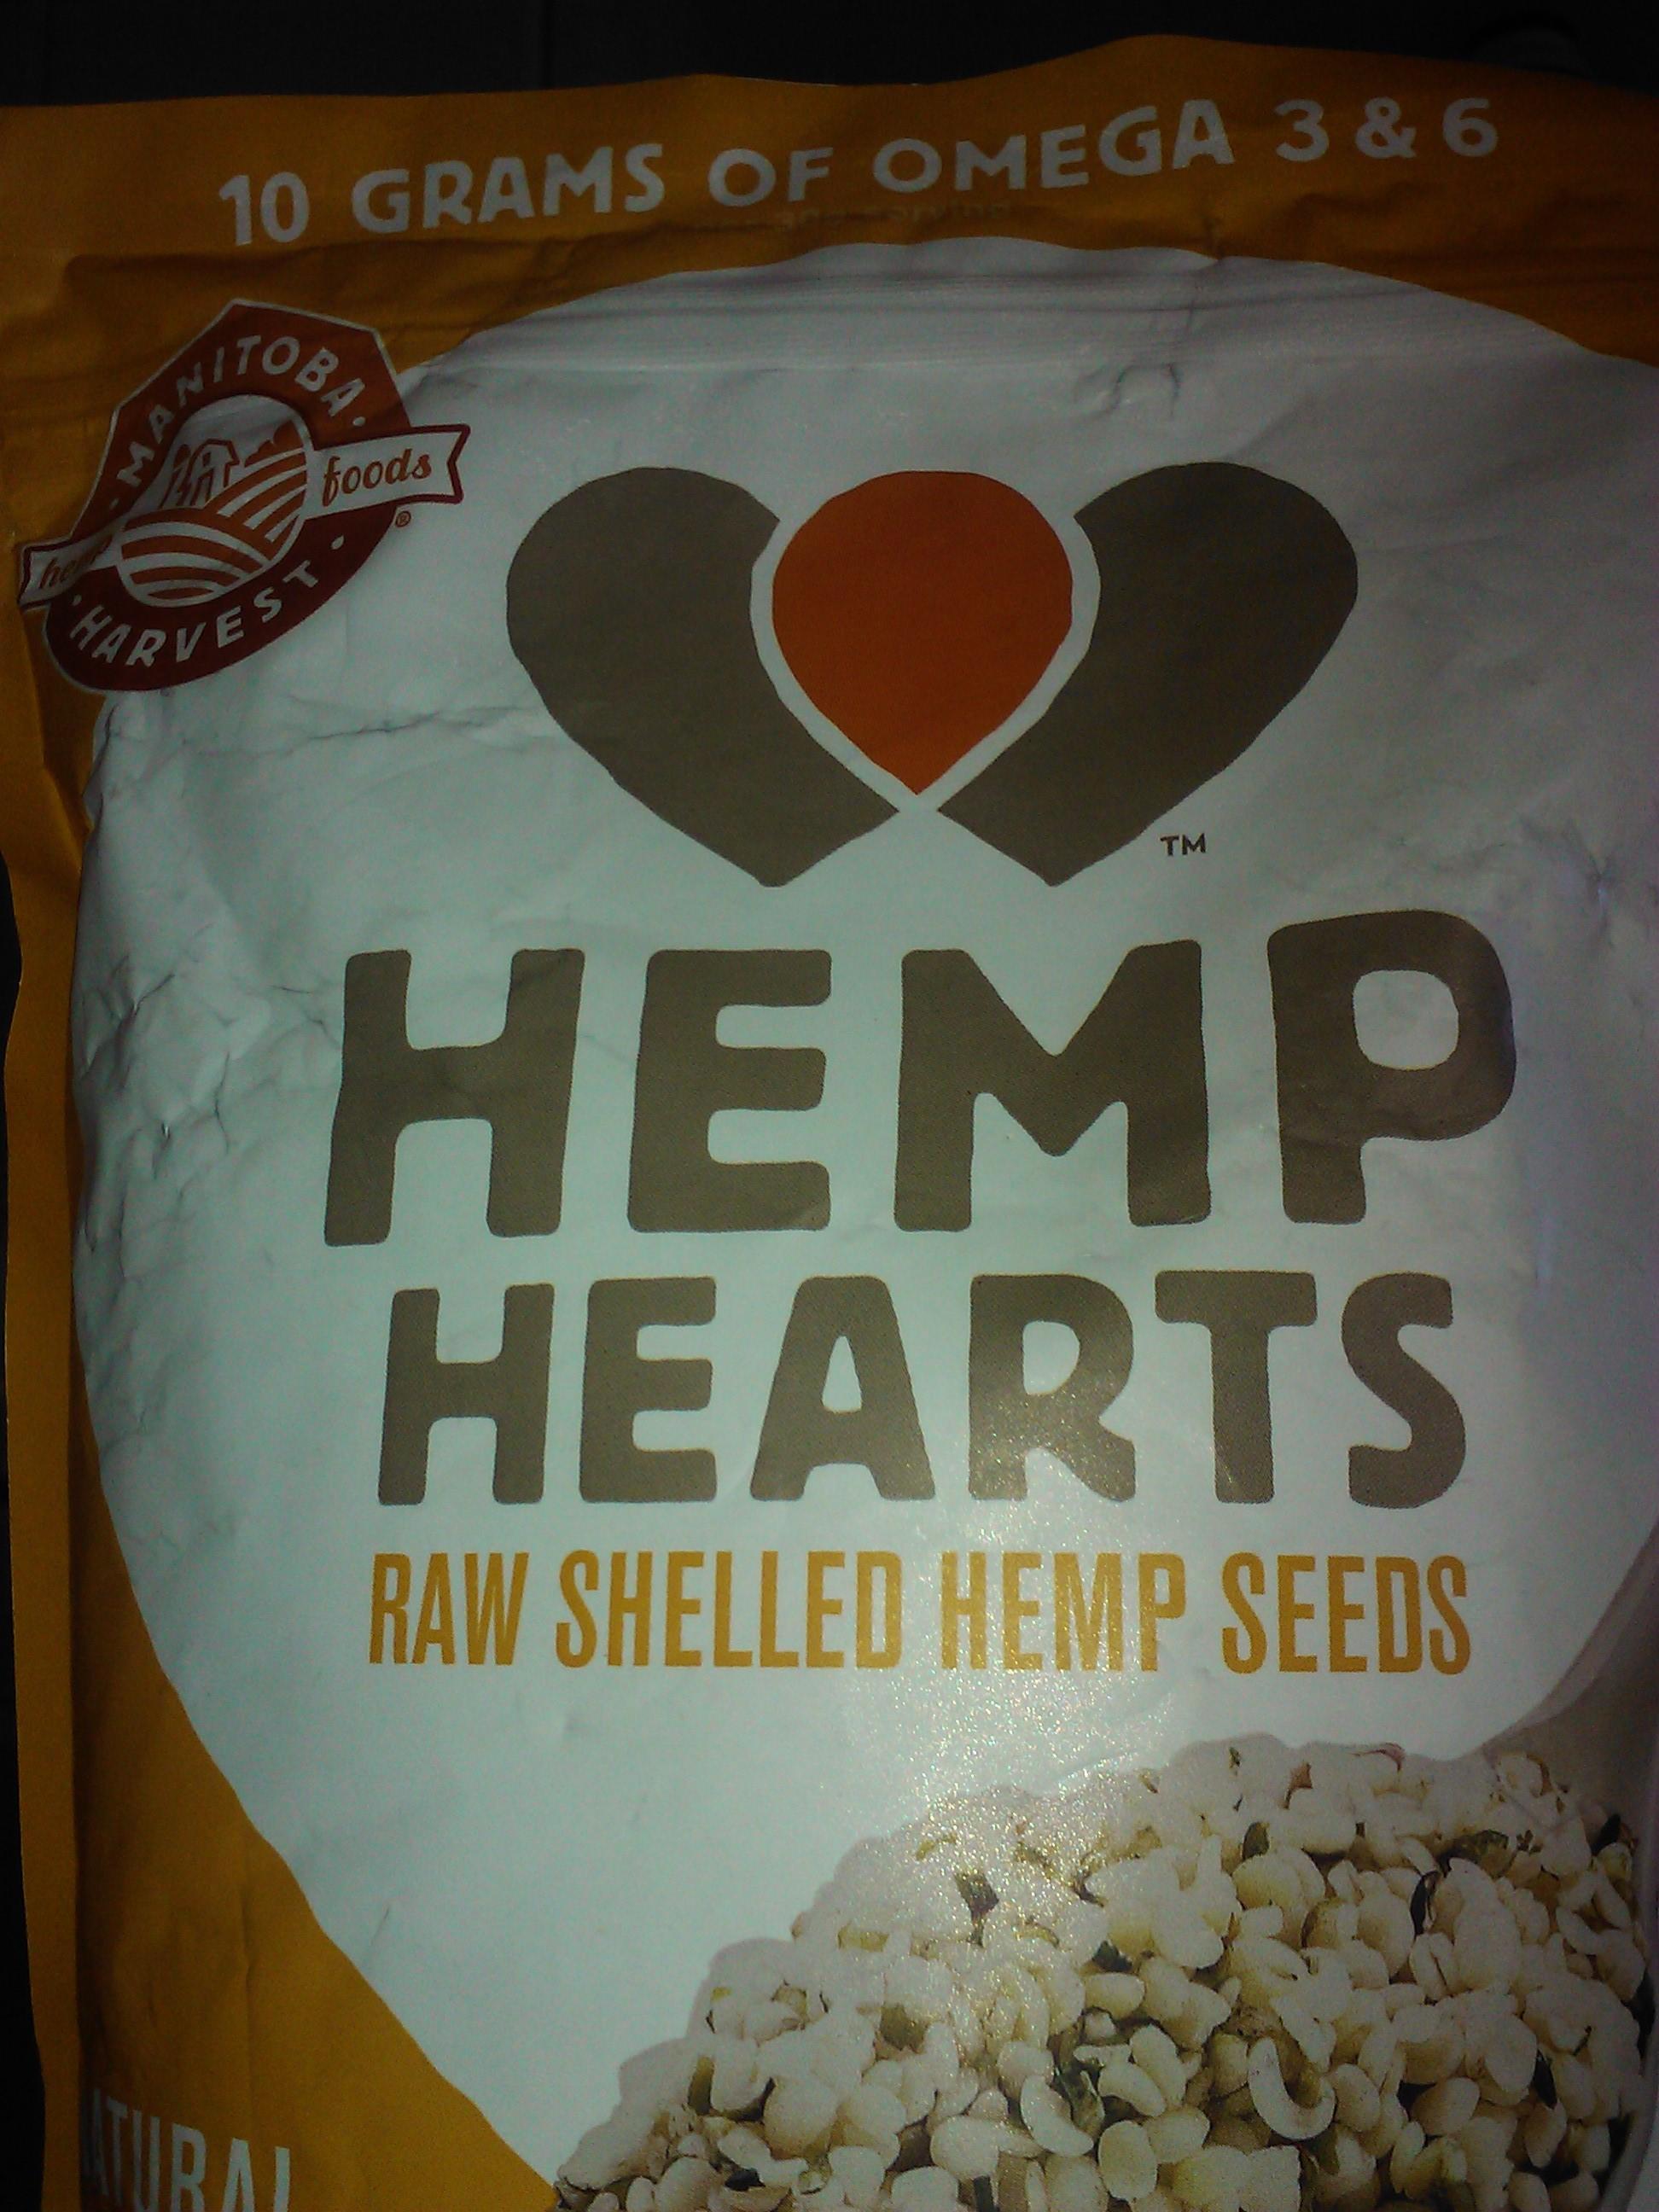 Comer semillas de Hemp alto contenido Omega 3 y Omega 6